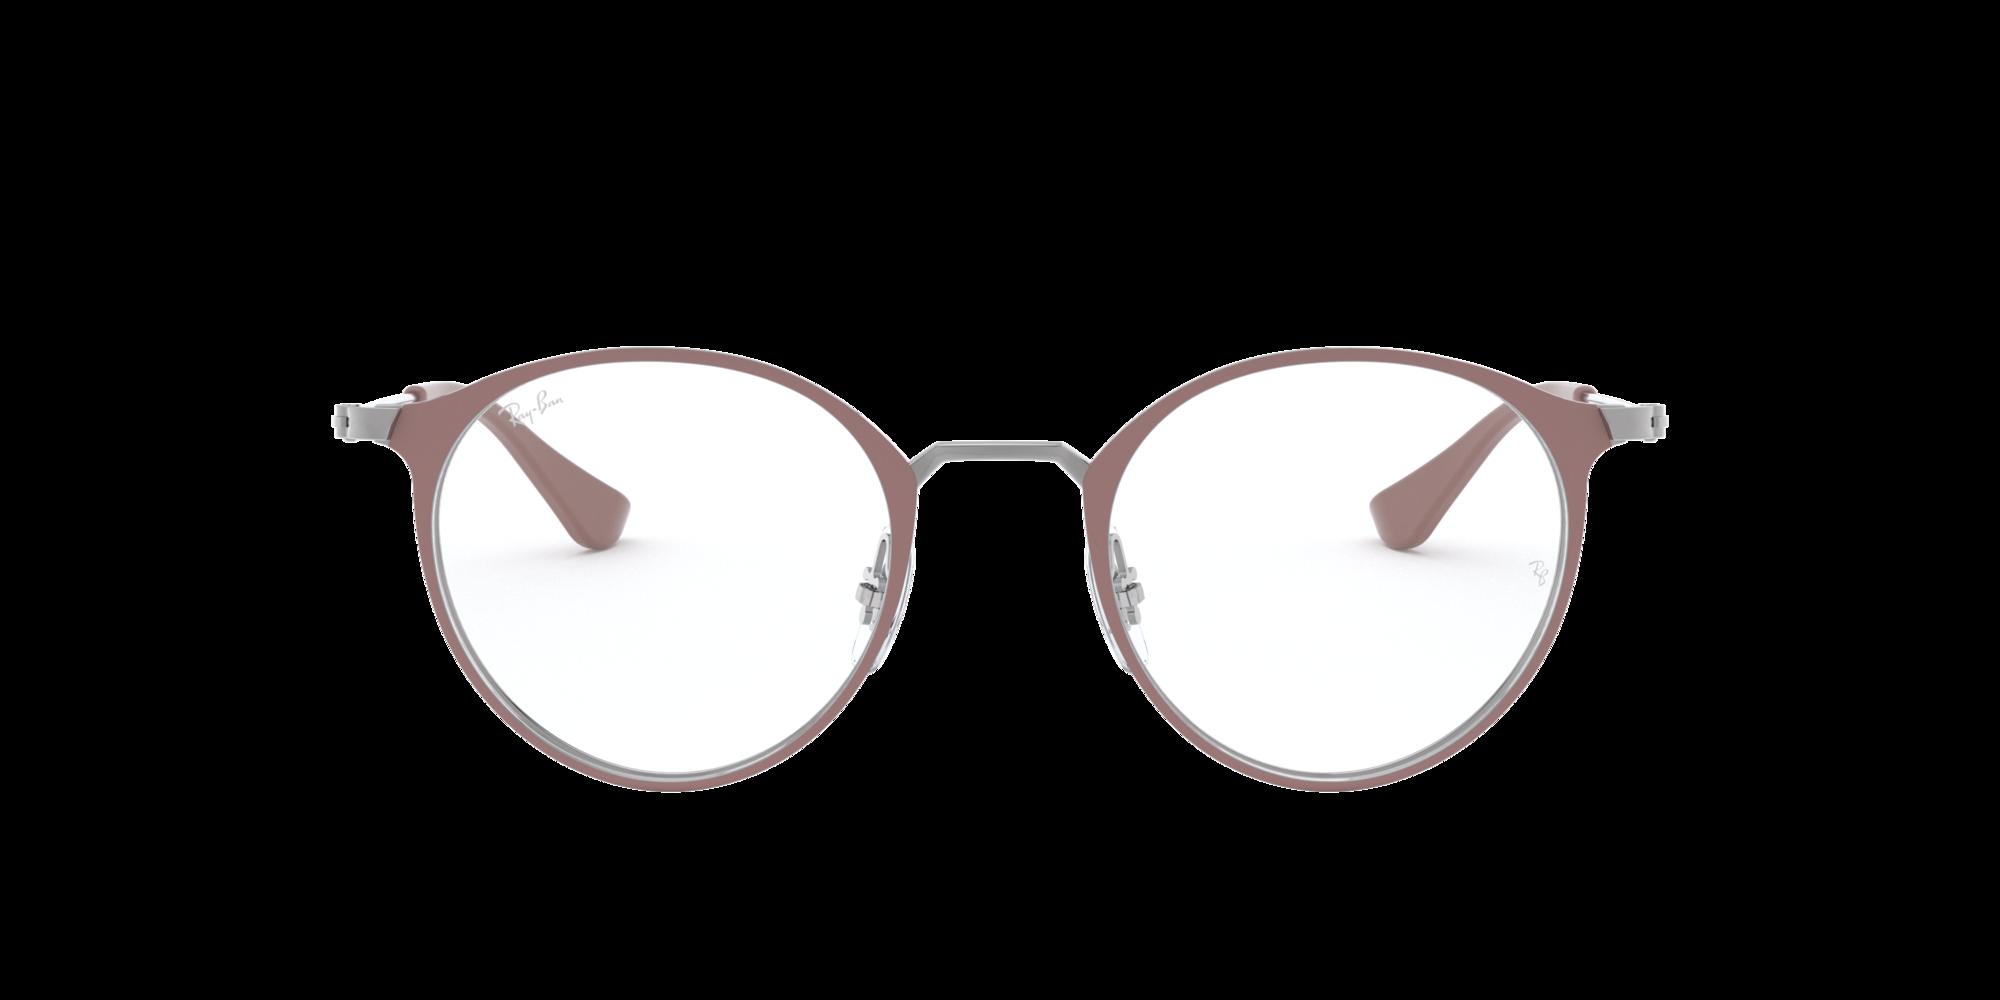 Imagen para RX6378 de LensCrafters |  Espejuelos, espejuelos graduados en línea, gafas